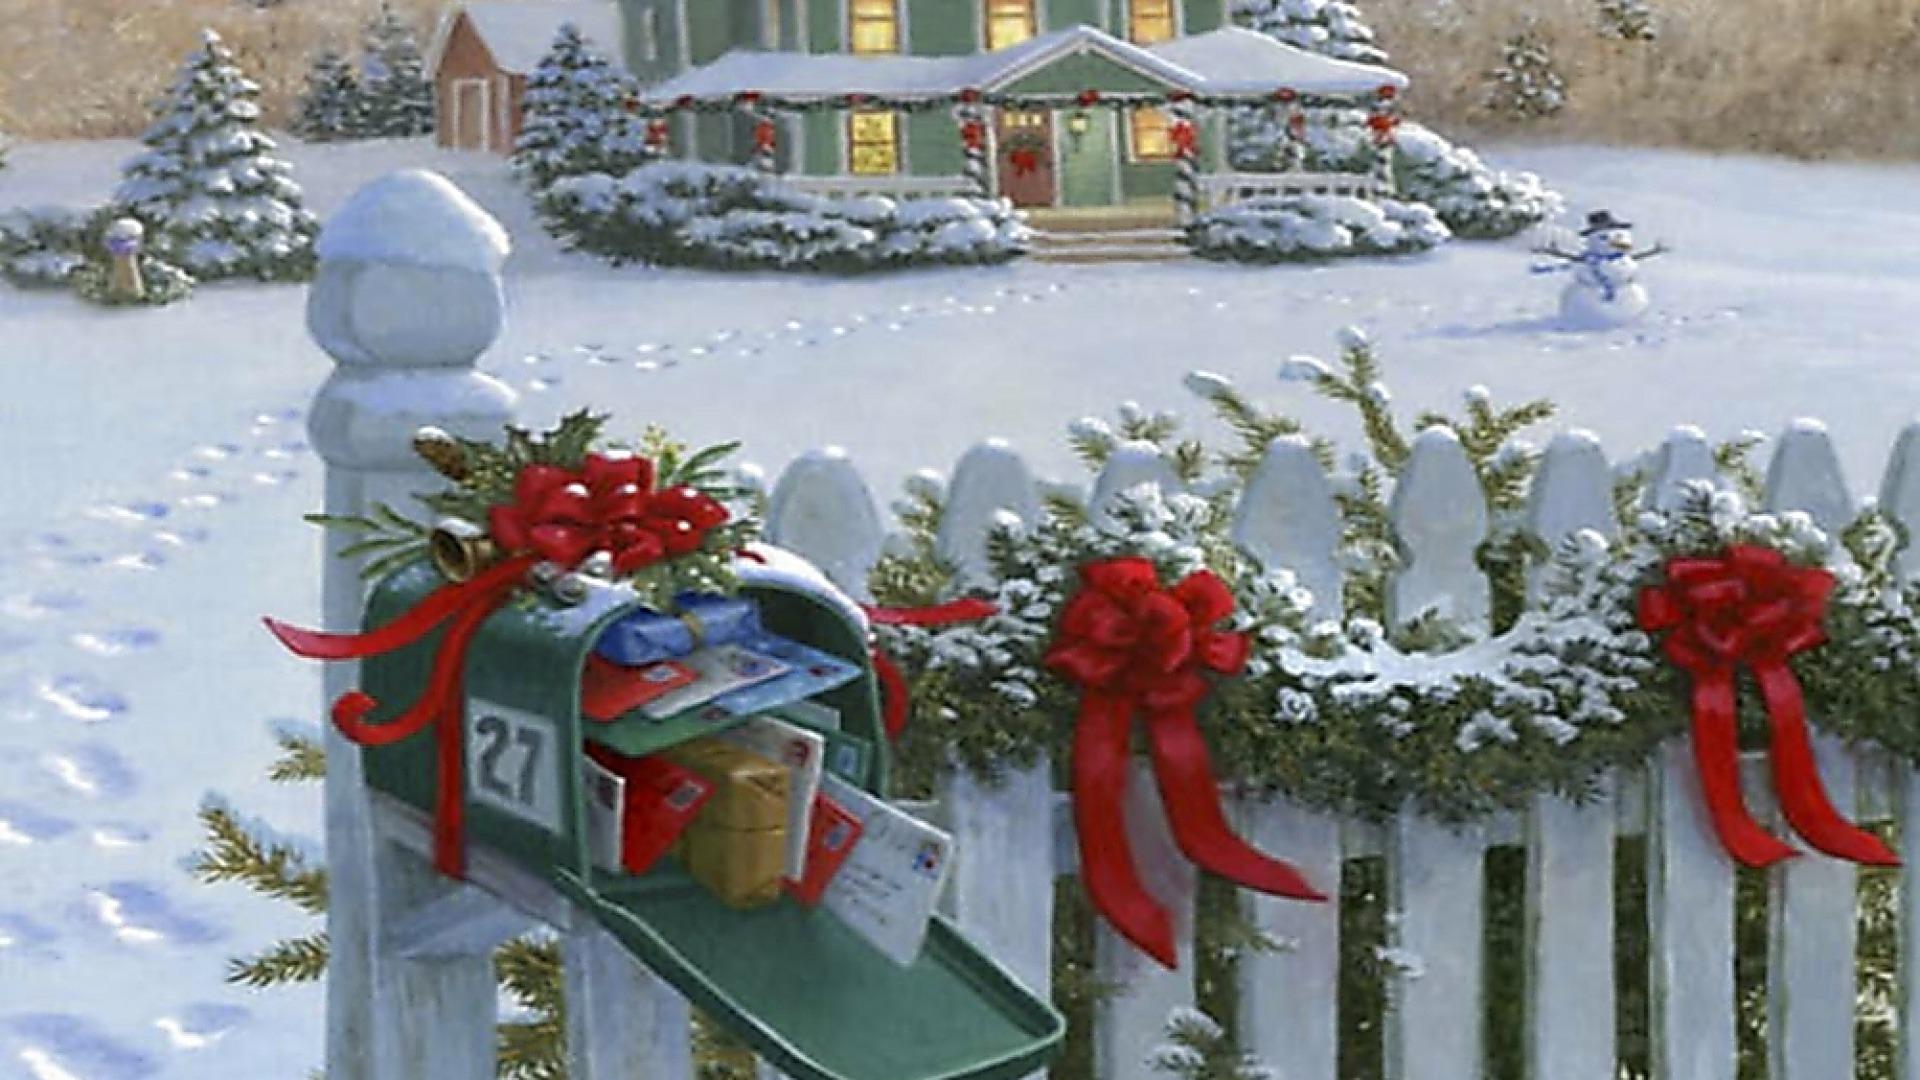 Bộ Sưu Tập Ảnh Giáng Sinh - Page 5 05829